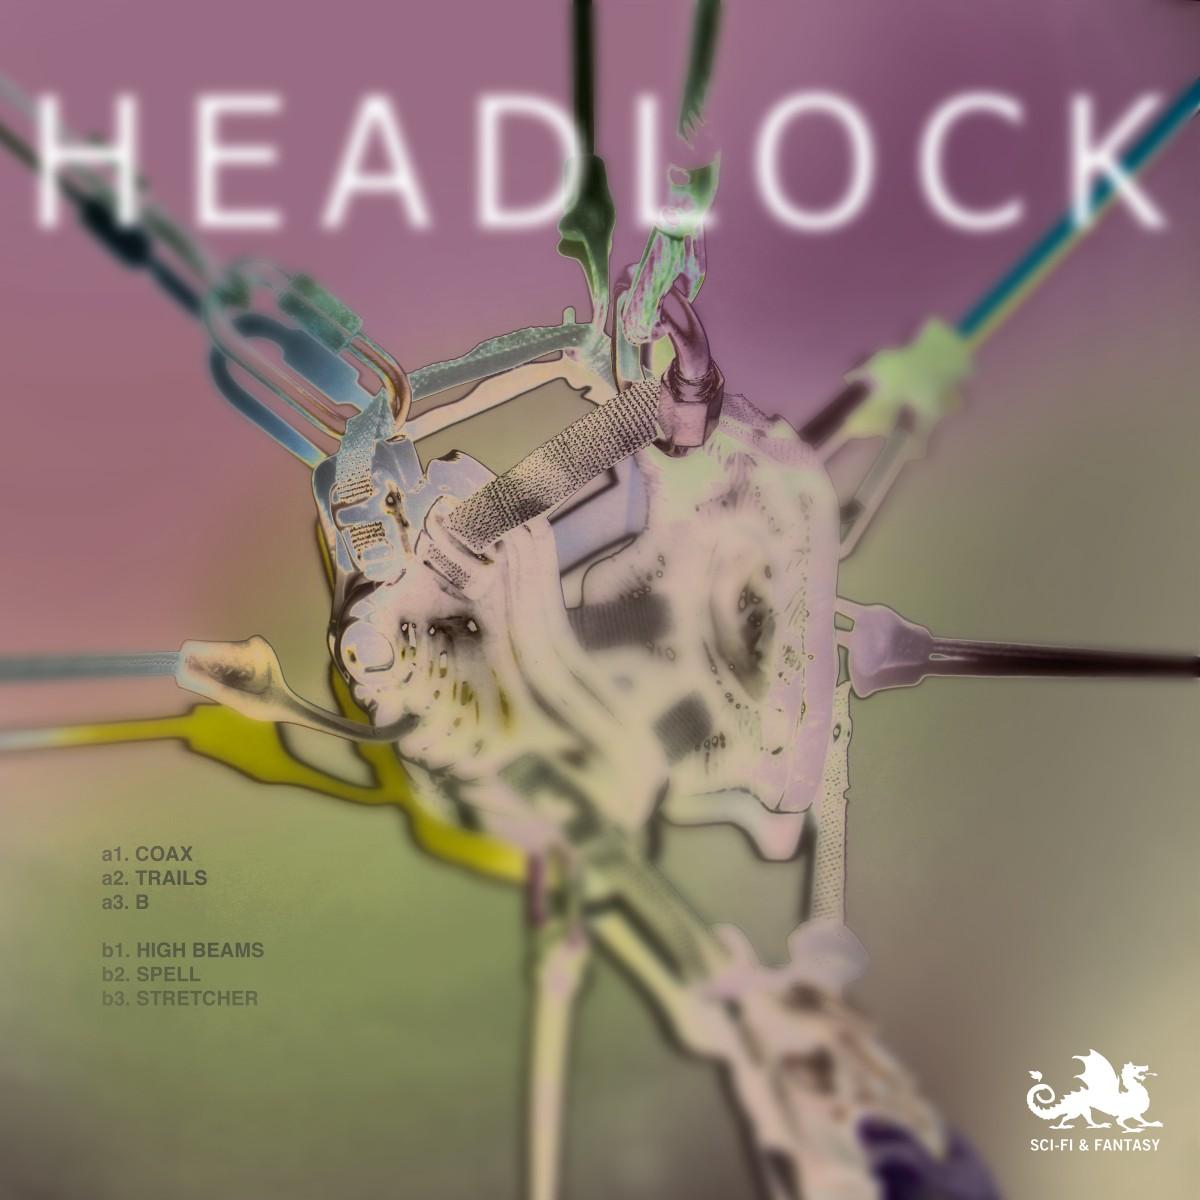 SCIFILP01: HEADLOCK (VINYL B)